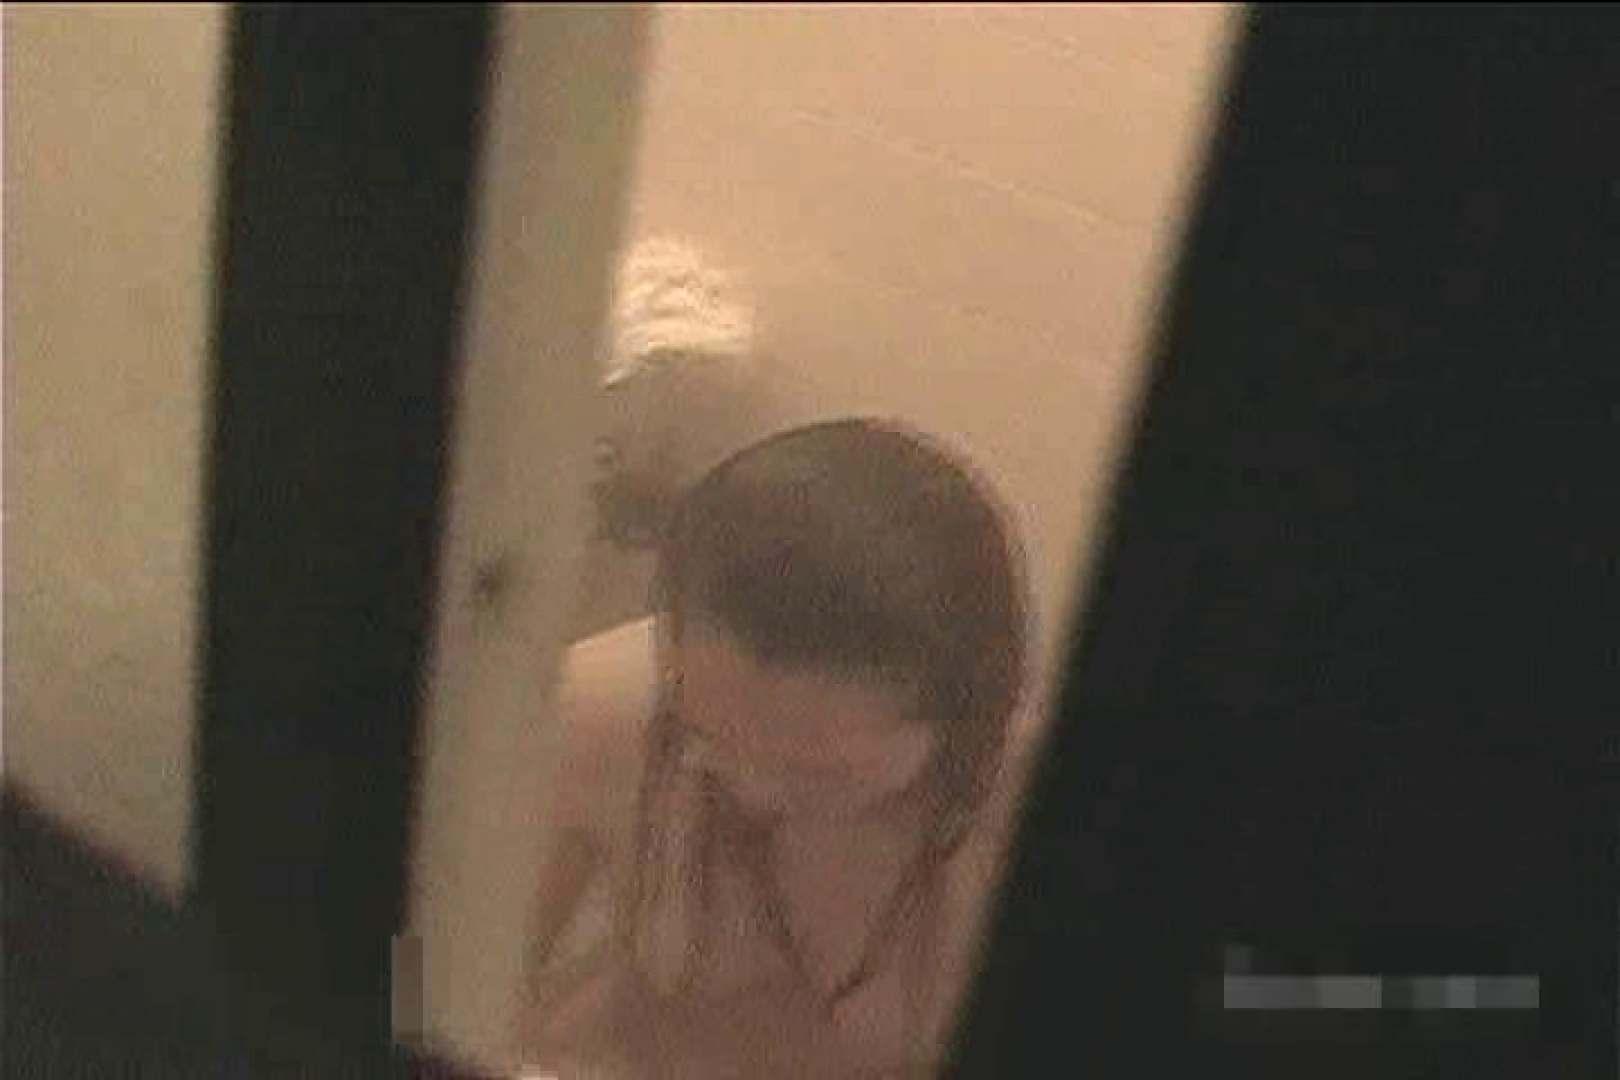 激撮ストーカー記録あなたのお宅拝見しますVol.7 ガールの盗撮 おまんこ動画流出 101枚